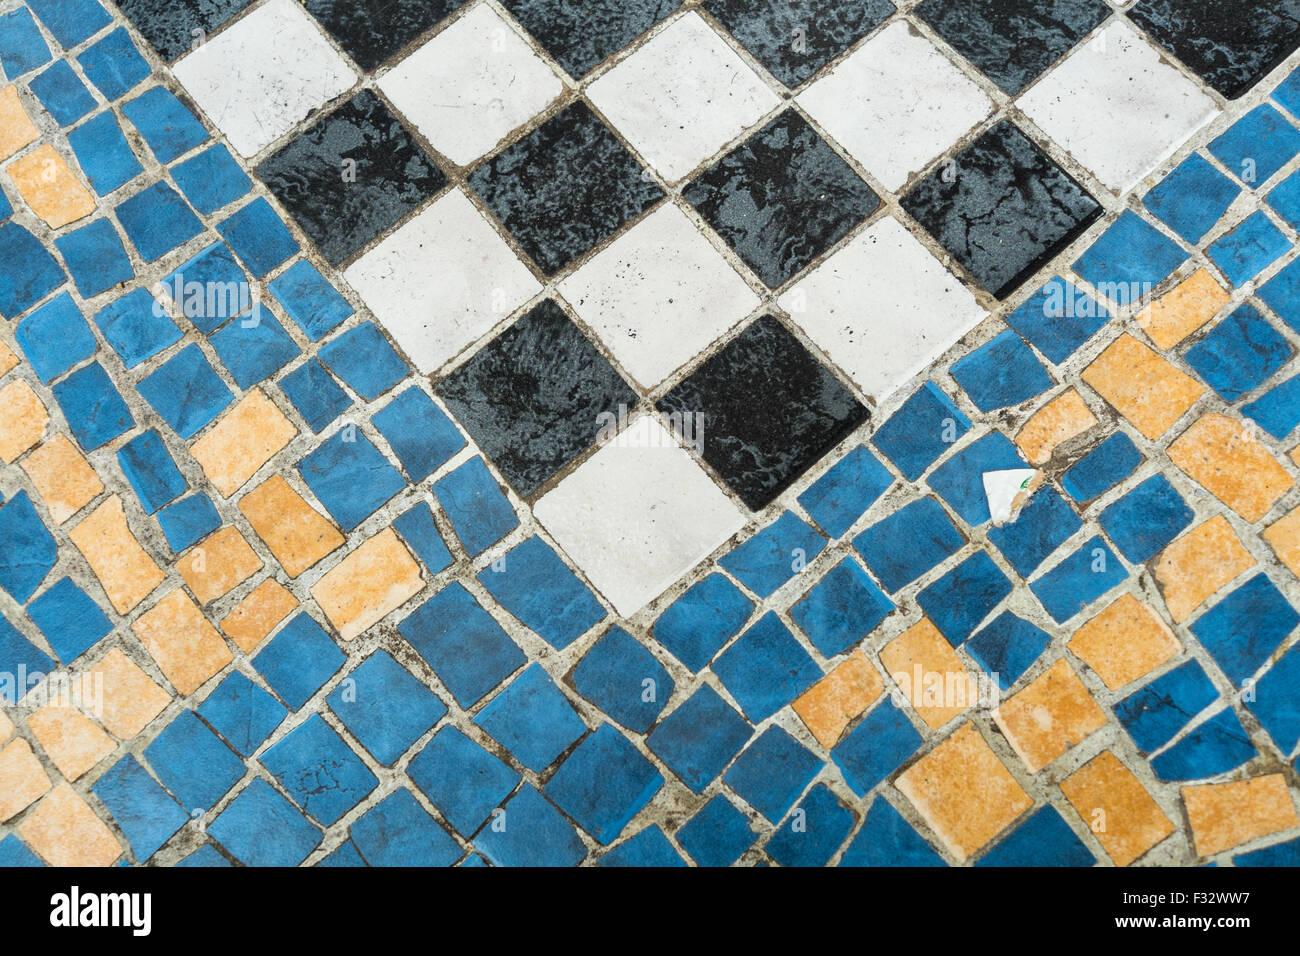 Checkered Mosaic Tile Stock Photos & Checkered Mosaic Tile Stock ...